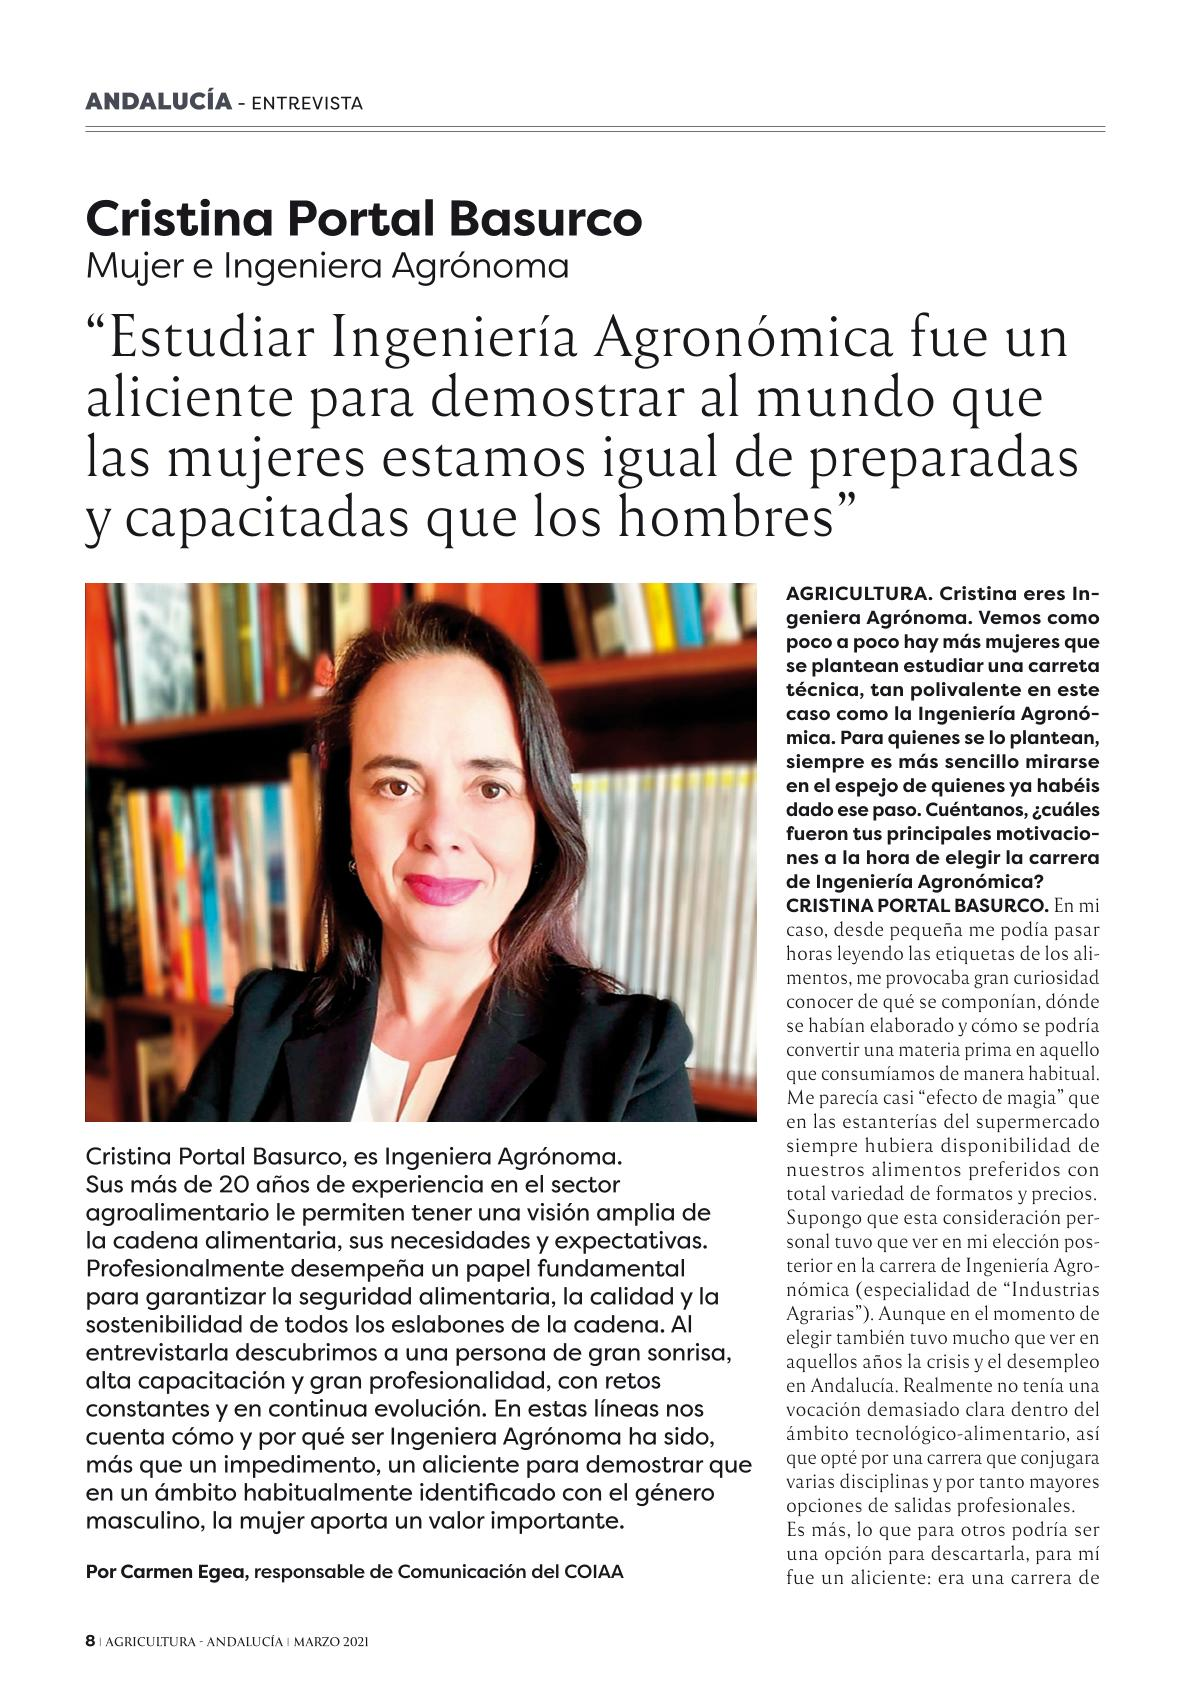 Entrevista Cristina Portal Basurco COIAA